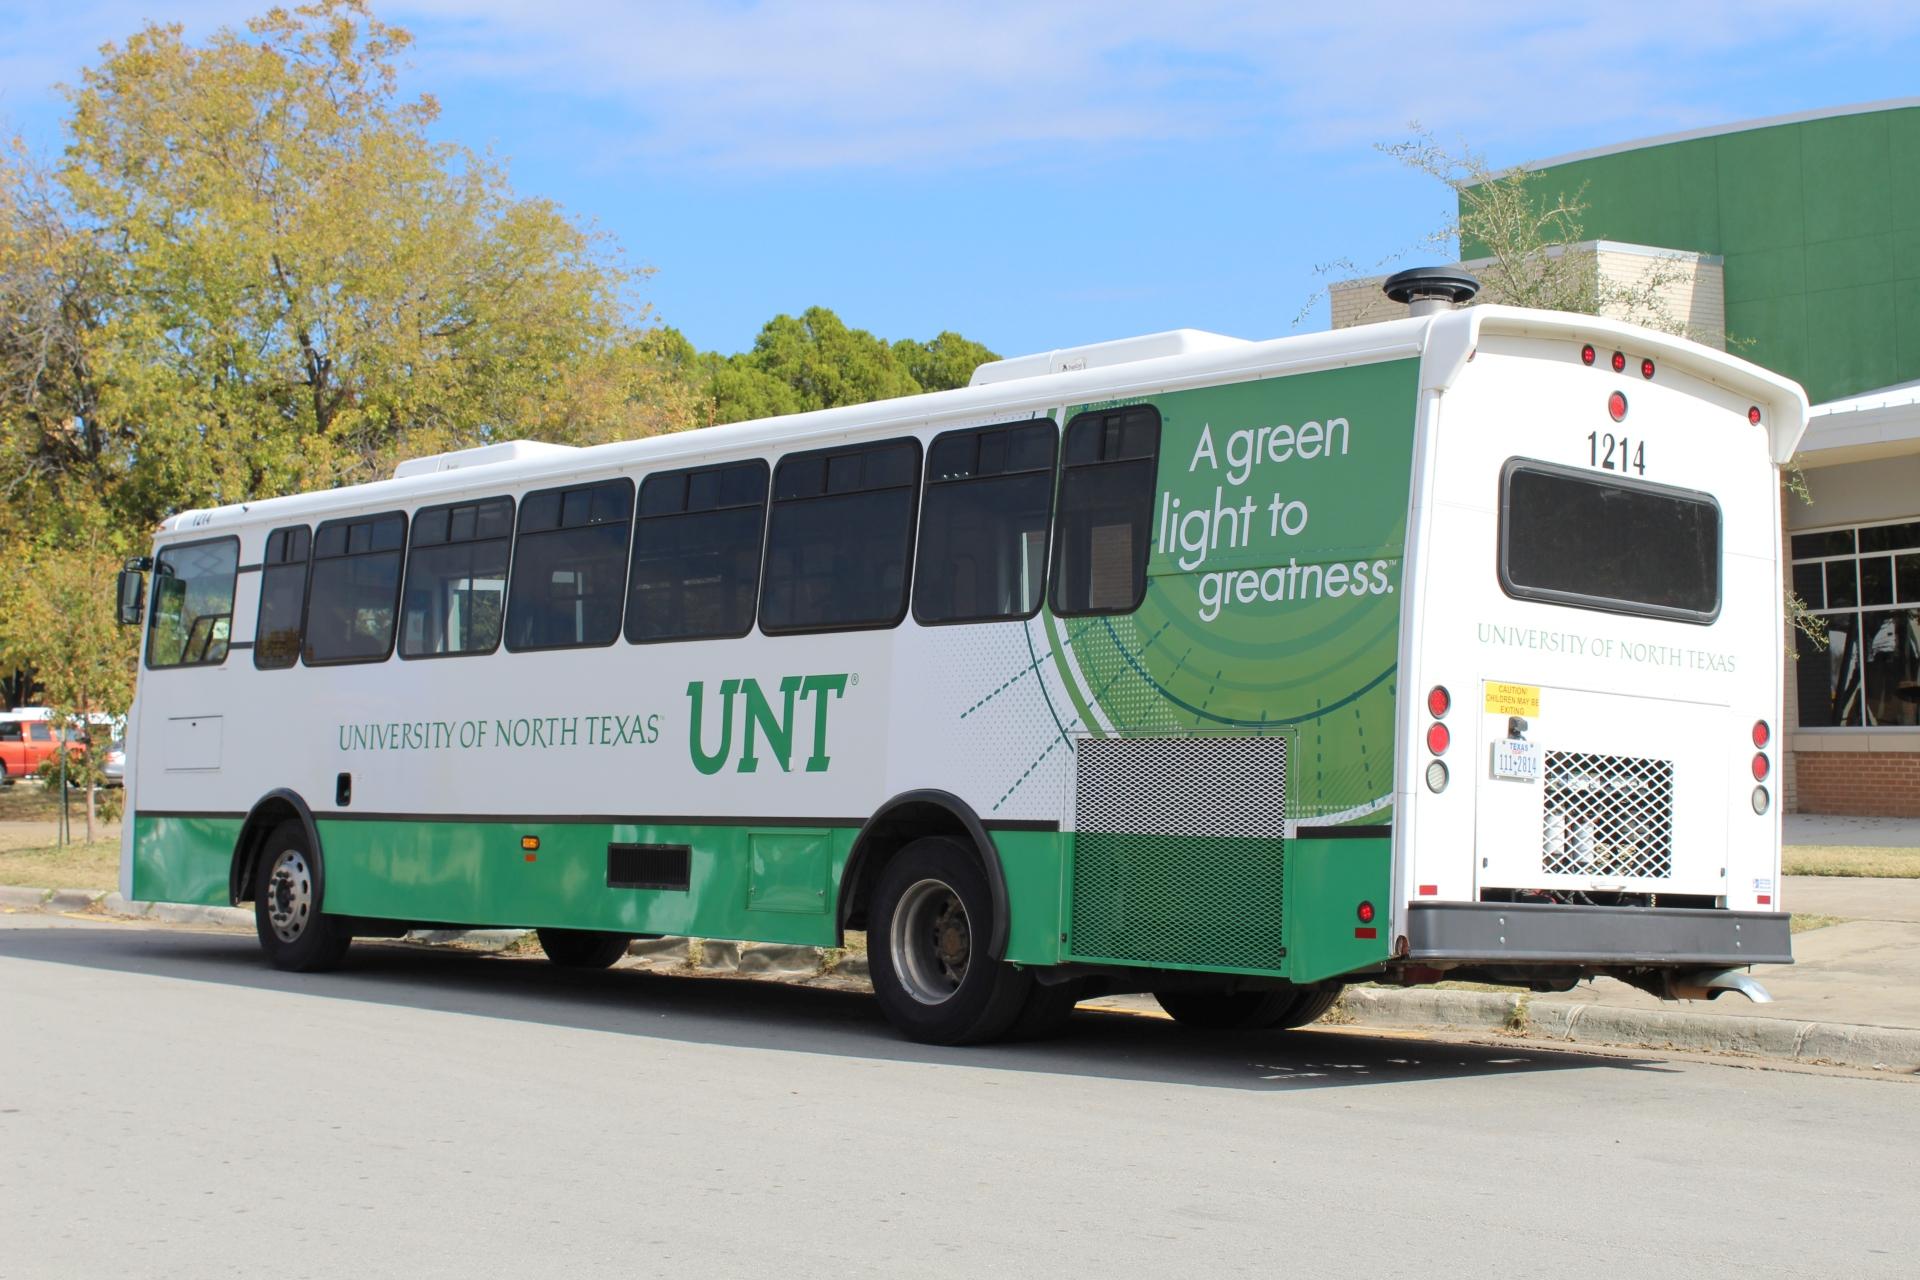 Texas bus Wonkhe2